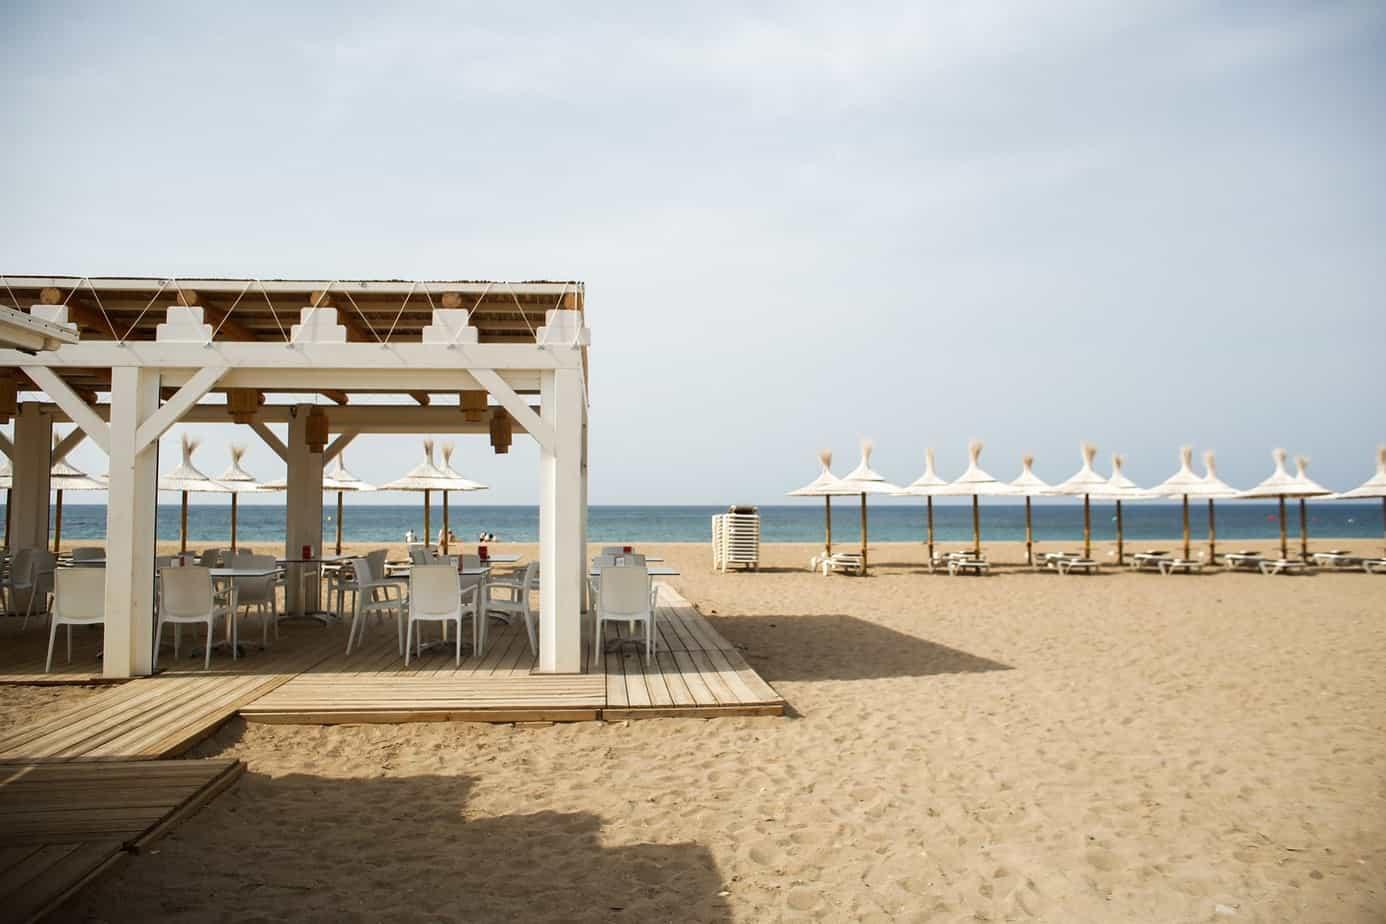 Chiringito El Polvorin Beachclub de la playa de Bolvueno es cliente de Cafés Bernal